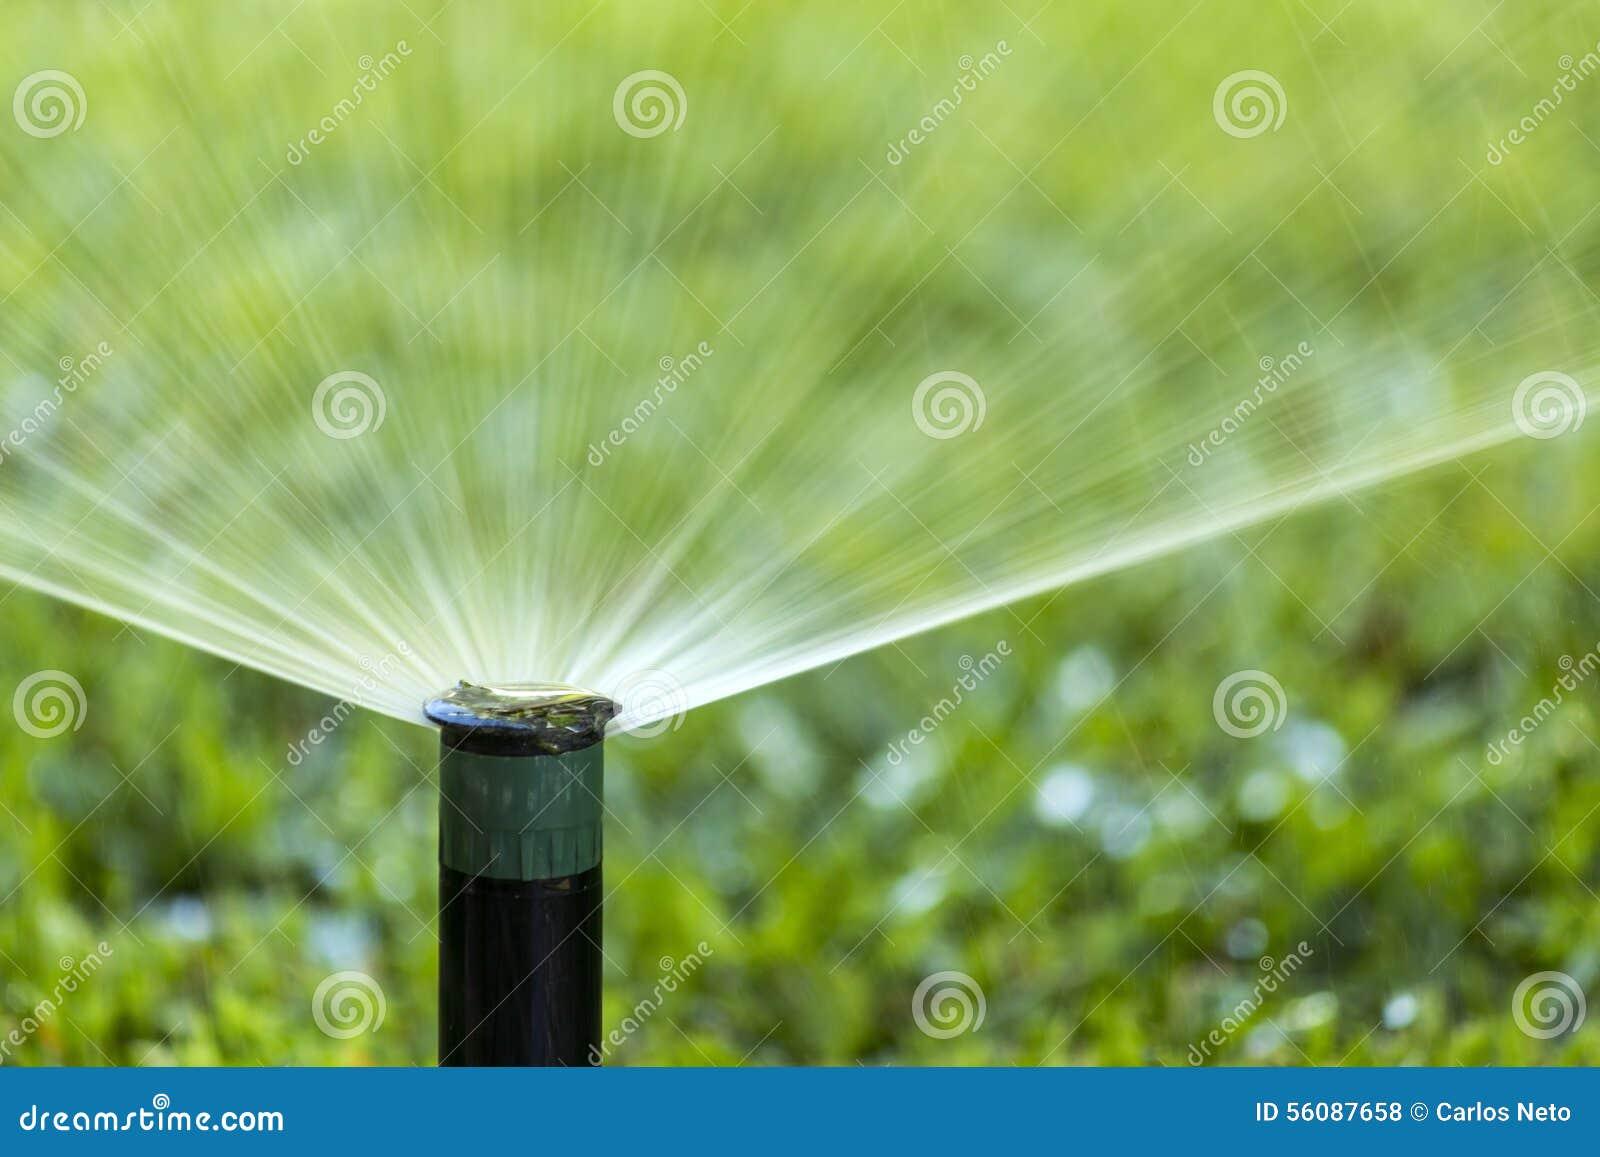 pelouse de arrosage de jet de syst me d 39 irrigation de jardin photo stock image 56087658. Black Bedroom Furniture Sets. Home Design Ideas